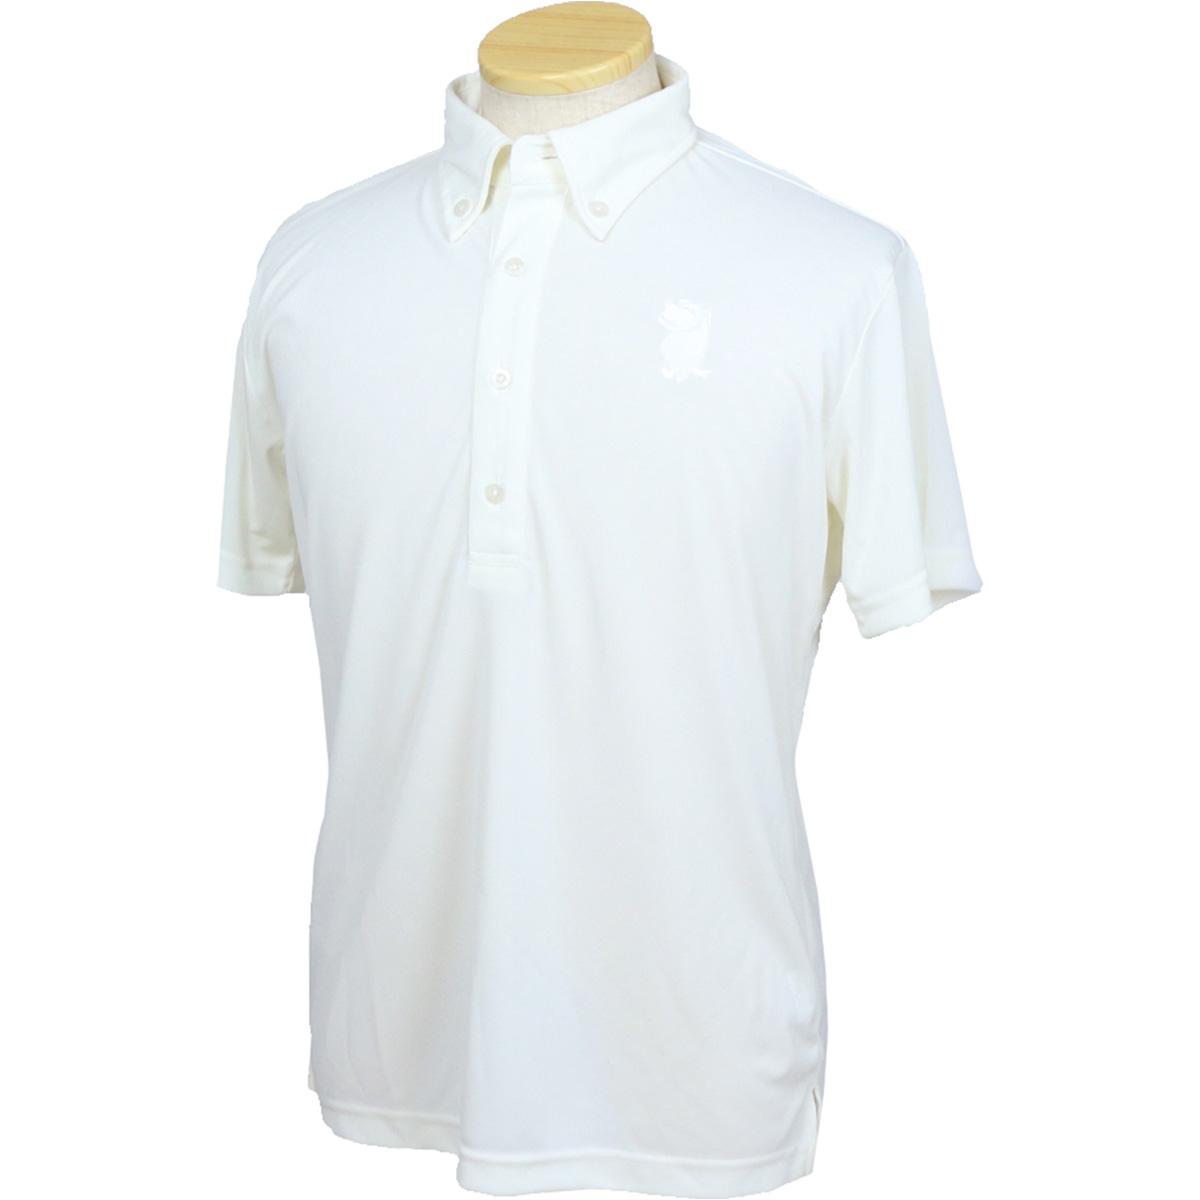 ケンケン半袖ポロシャツ